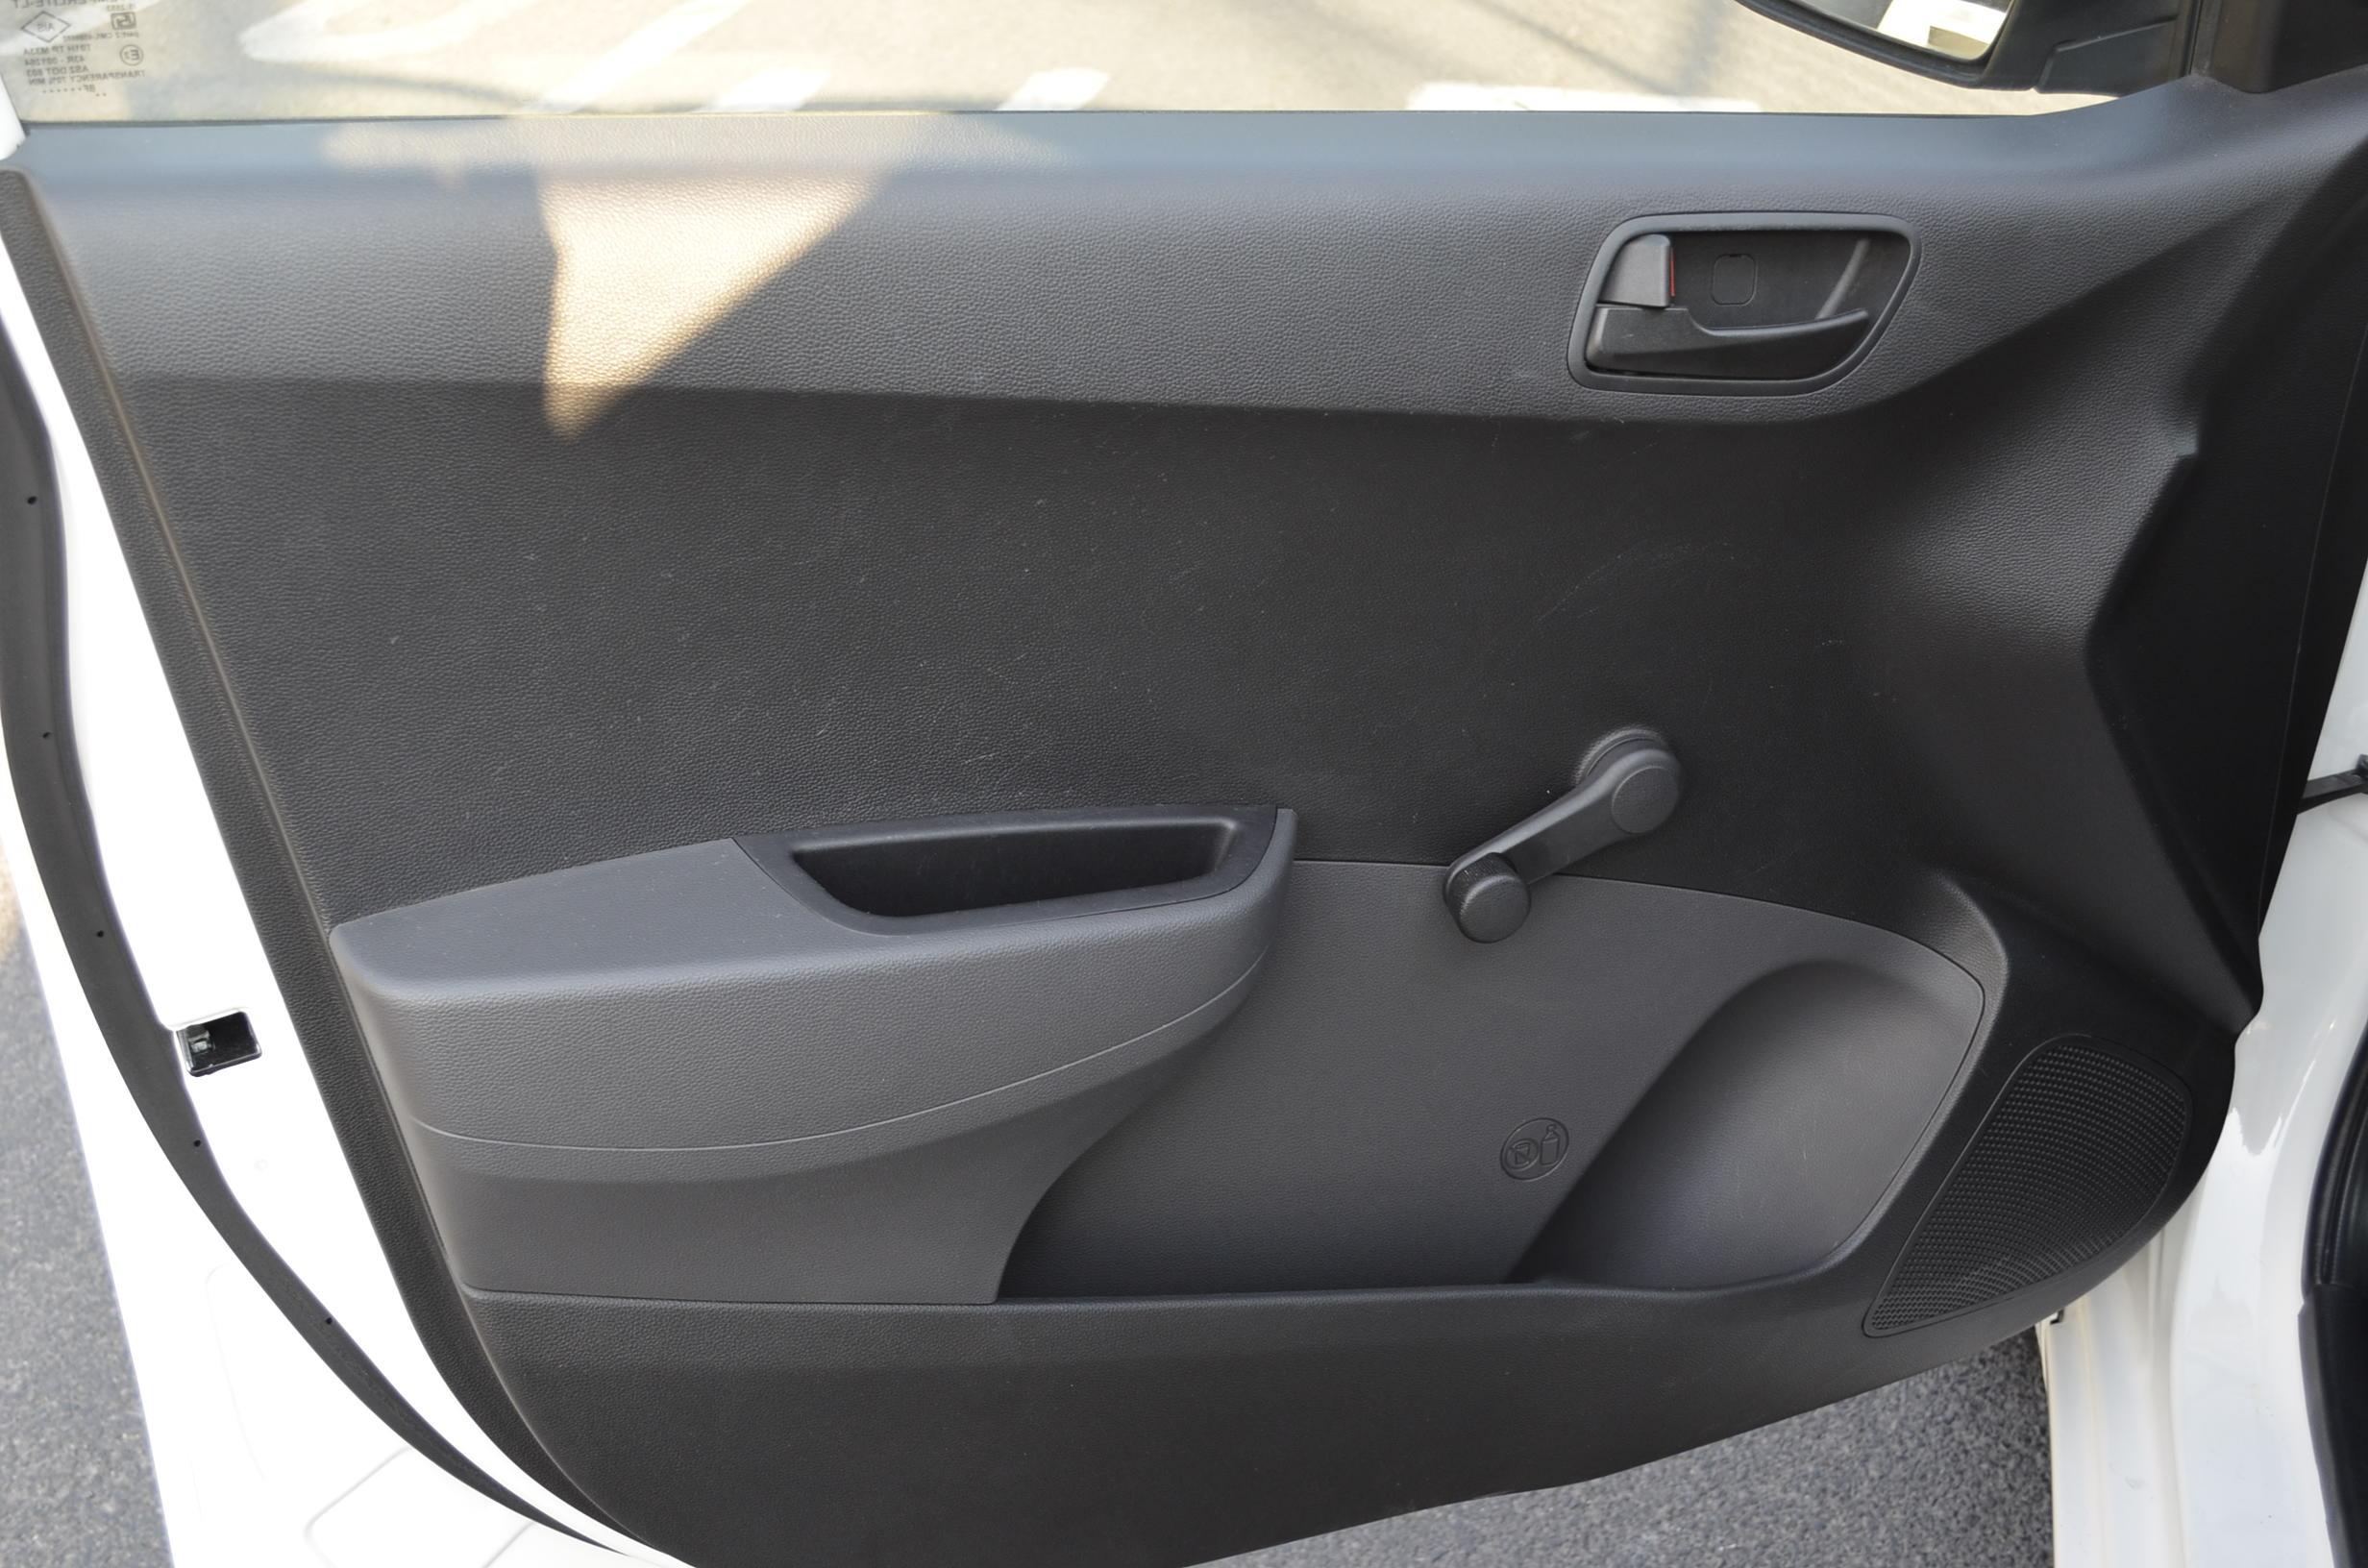 Hyundai Grand i10 Interior 7